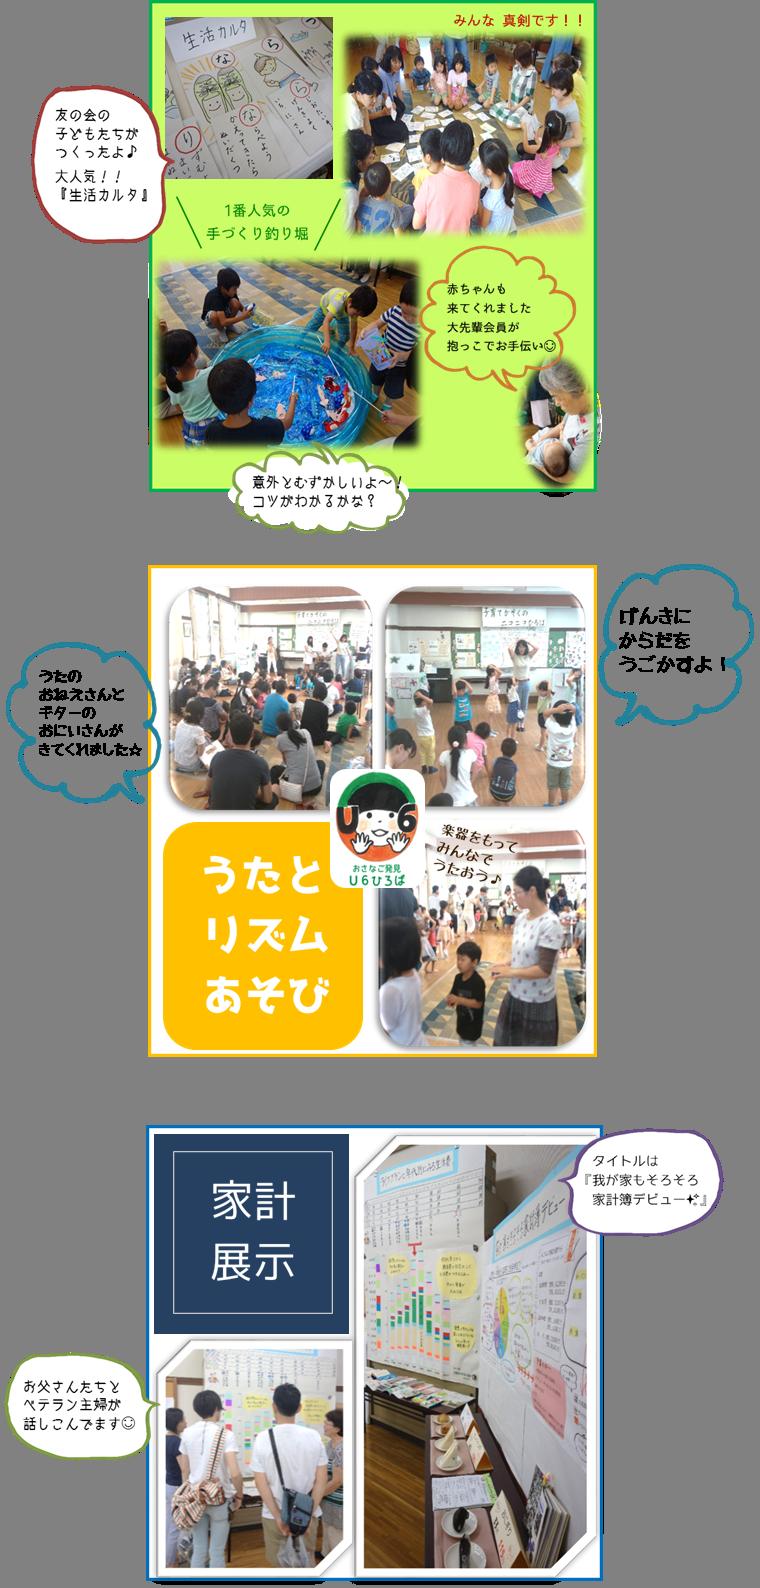 岡崎友の会U6ニコニコひろば00